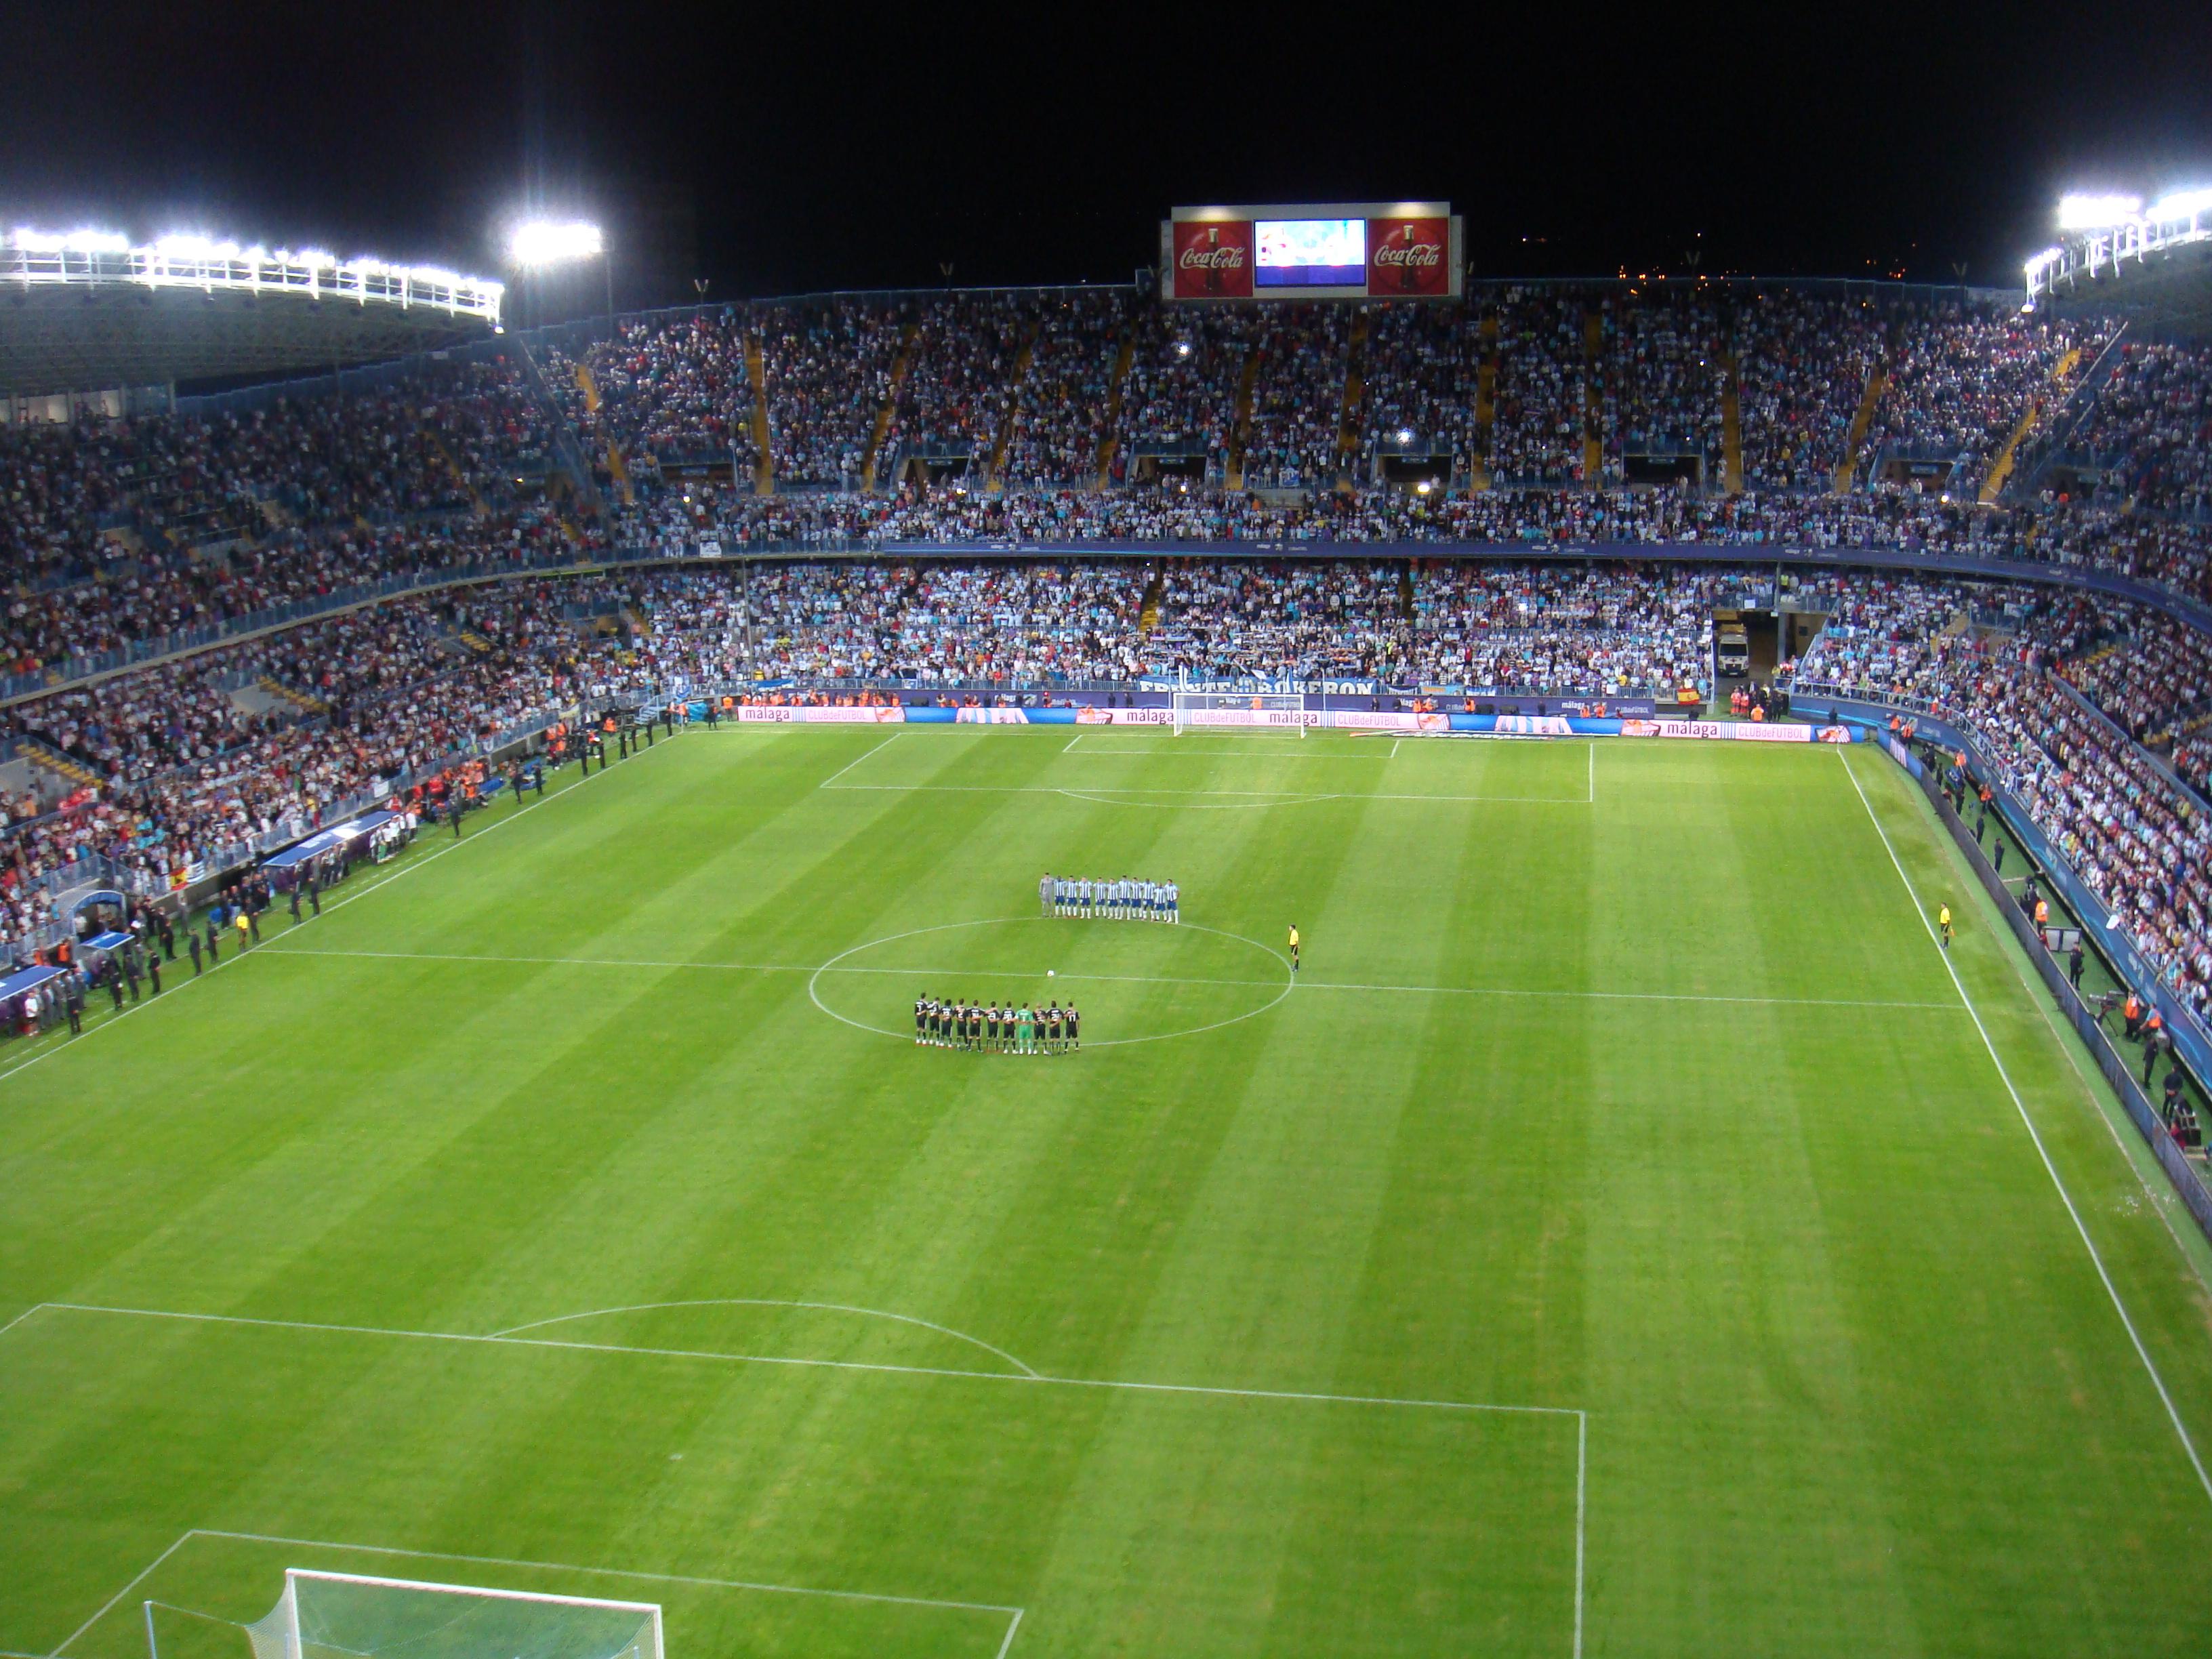 Panorámica nocturna del estadio de fútbol de La Rosaleda